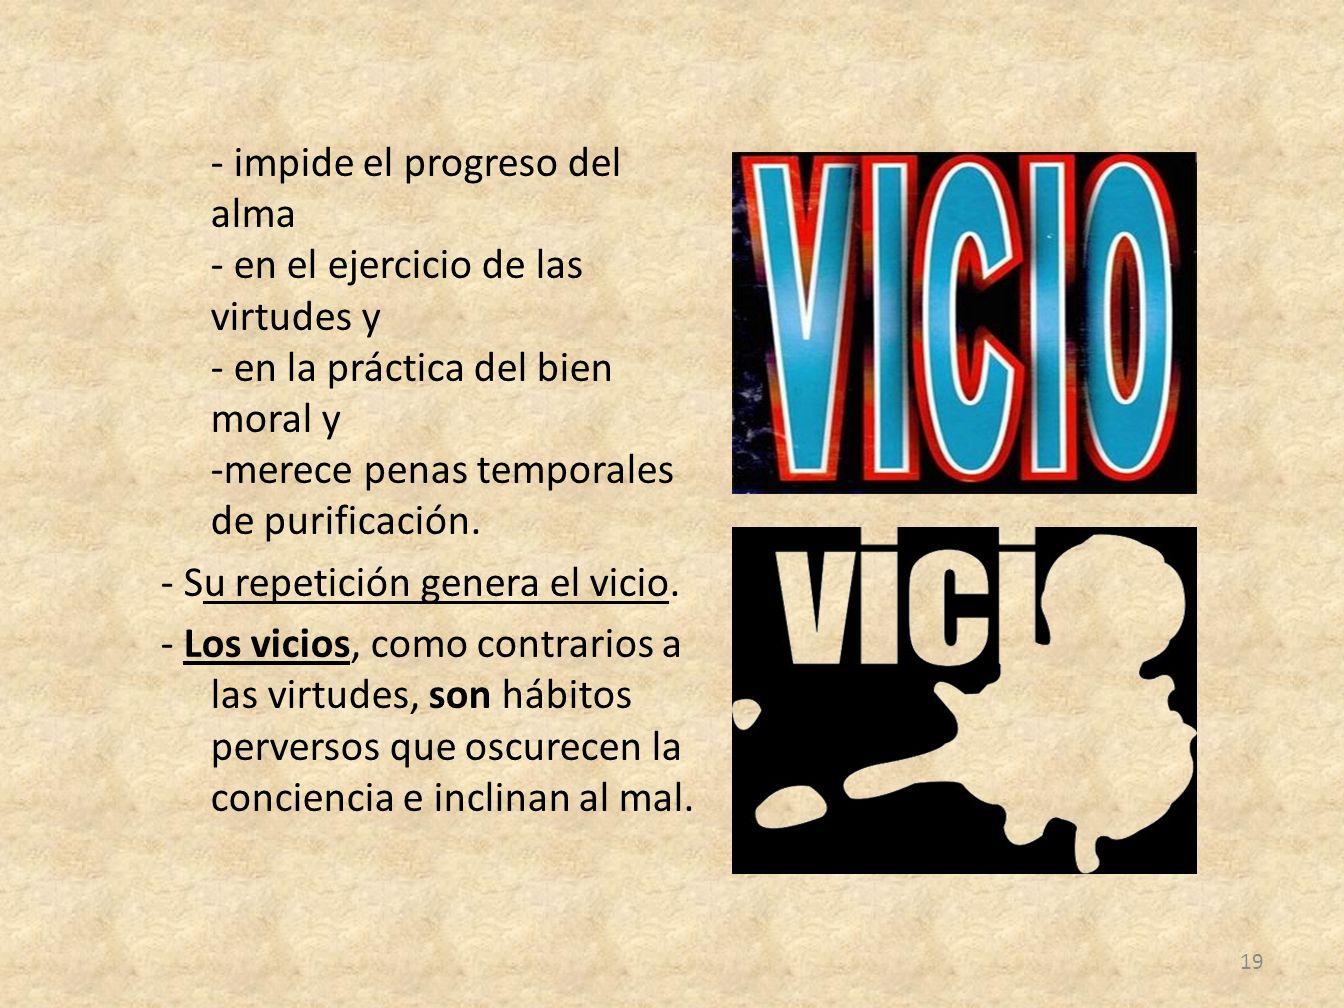 - impide el progreso del alma - en el ejercicio de las virtudes y - en la práctica del bien moral y -merece penas temporales de purificación.